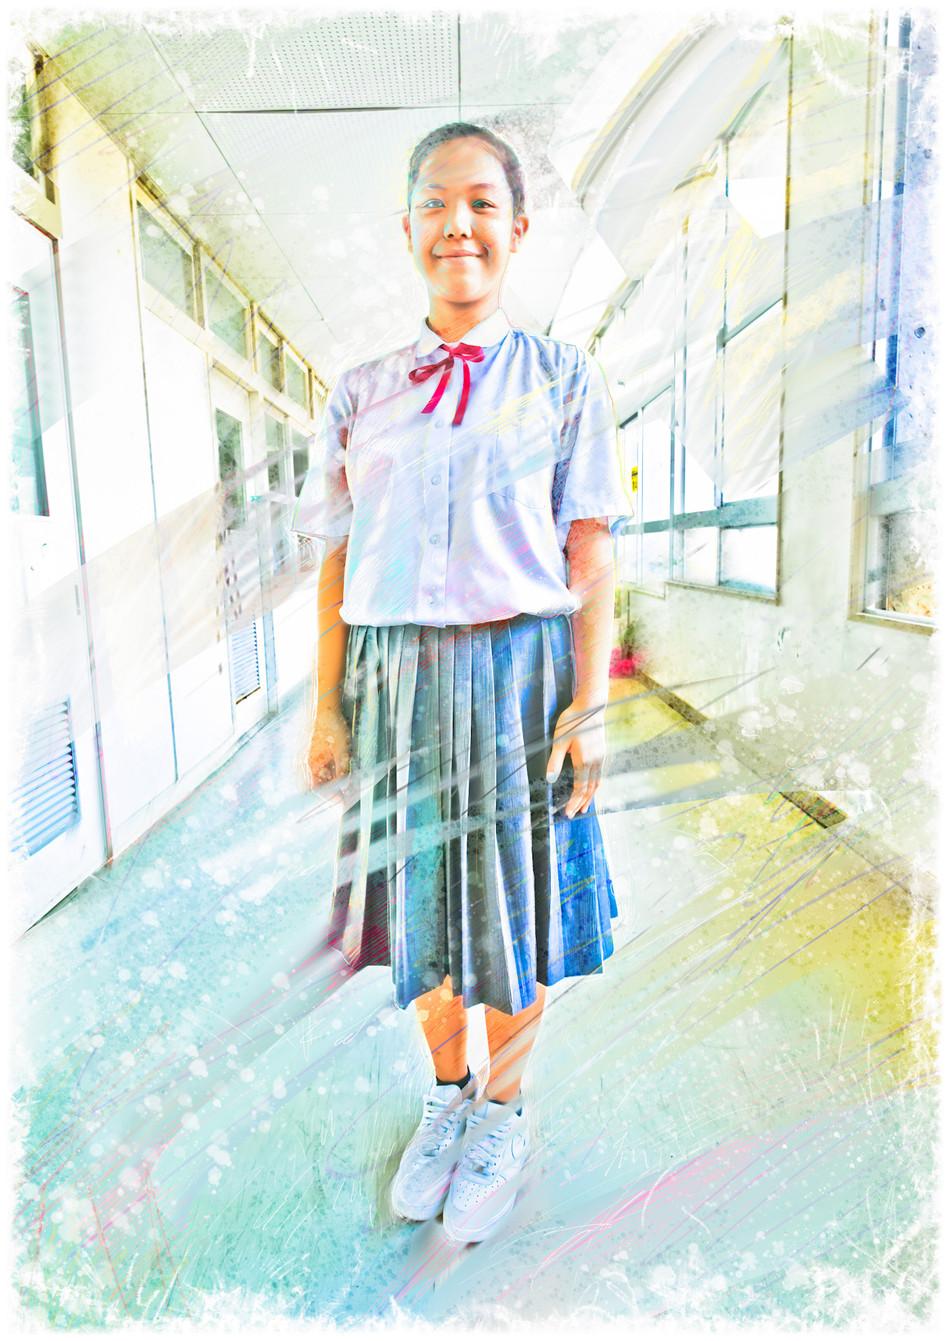 004-浦田 健二.jpg